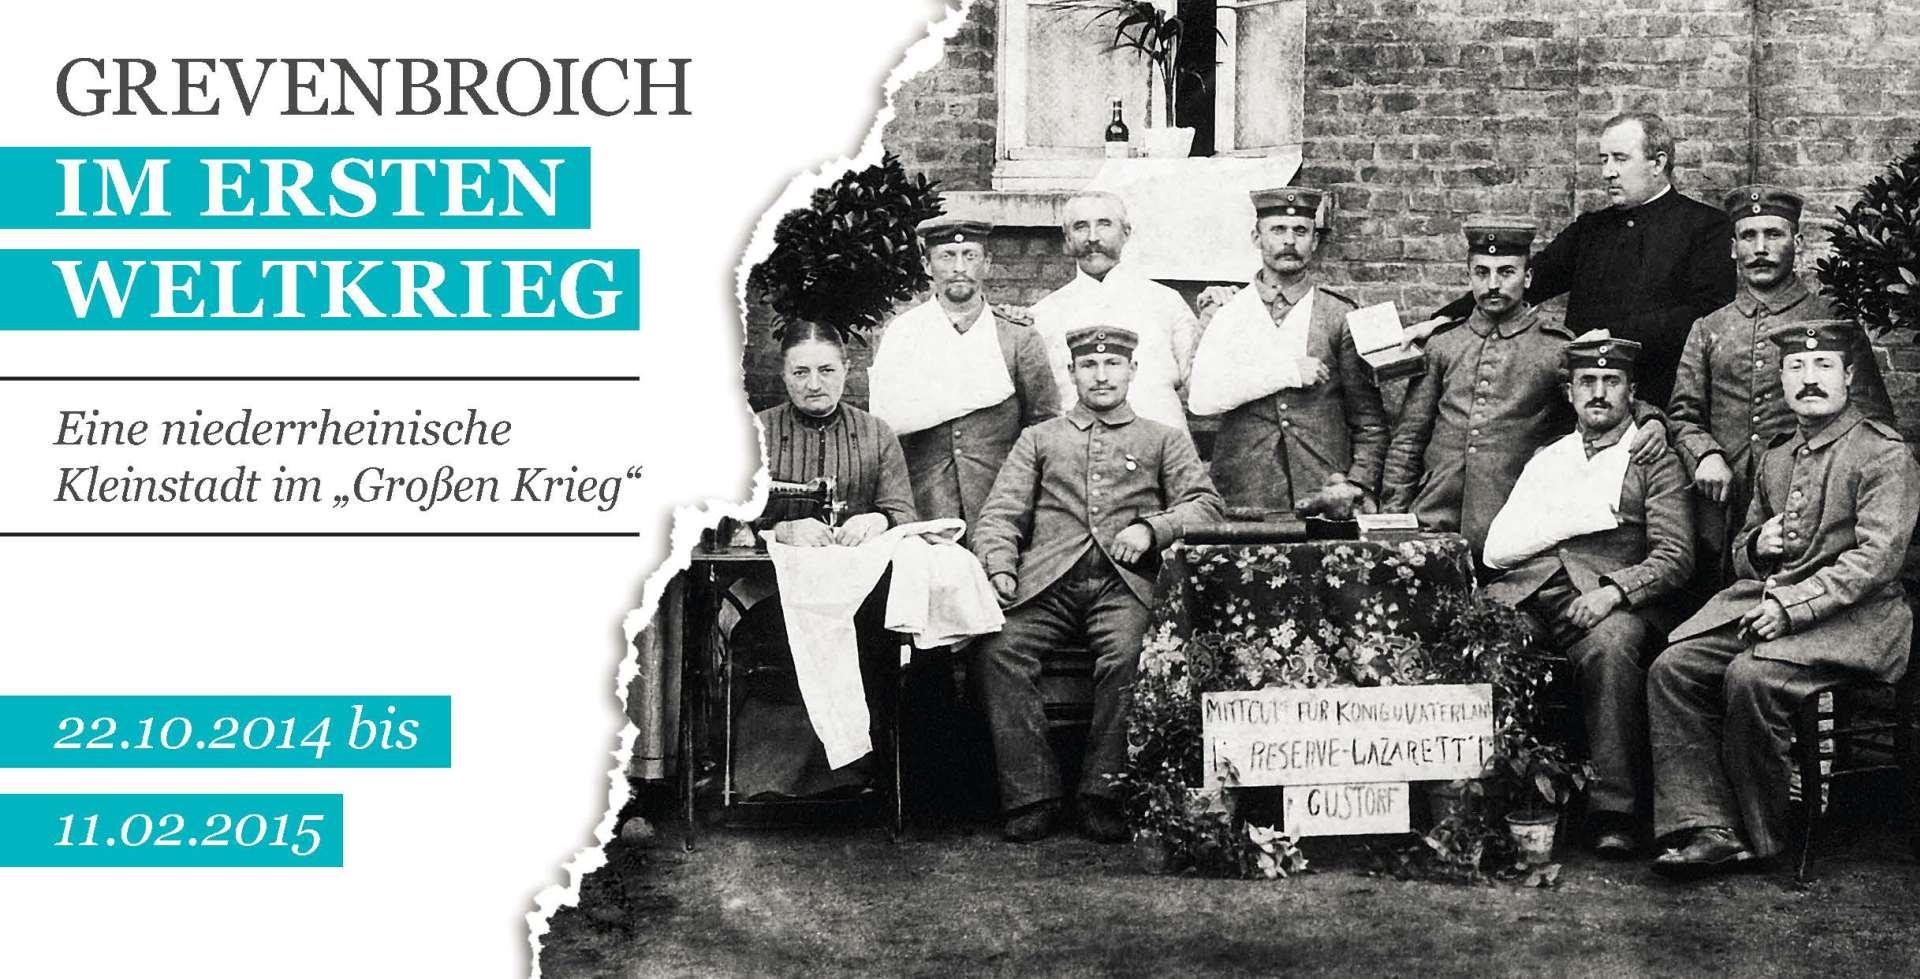 Grevenbroich im Ersten Weltkrieg